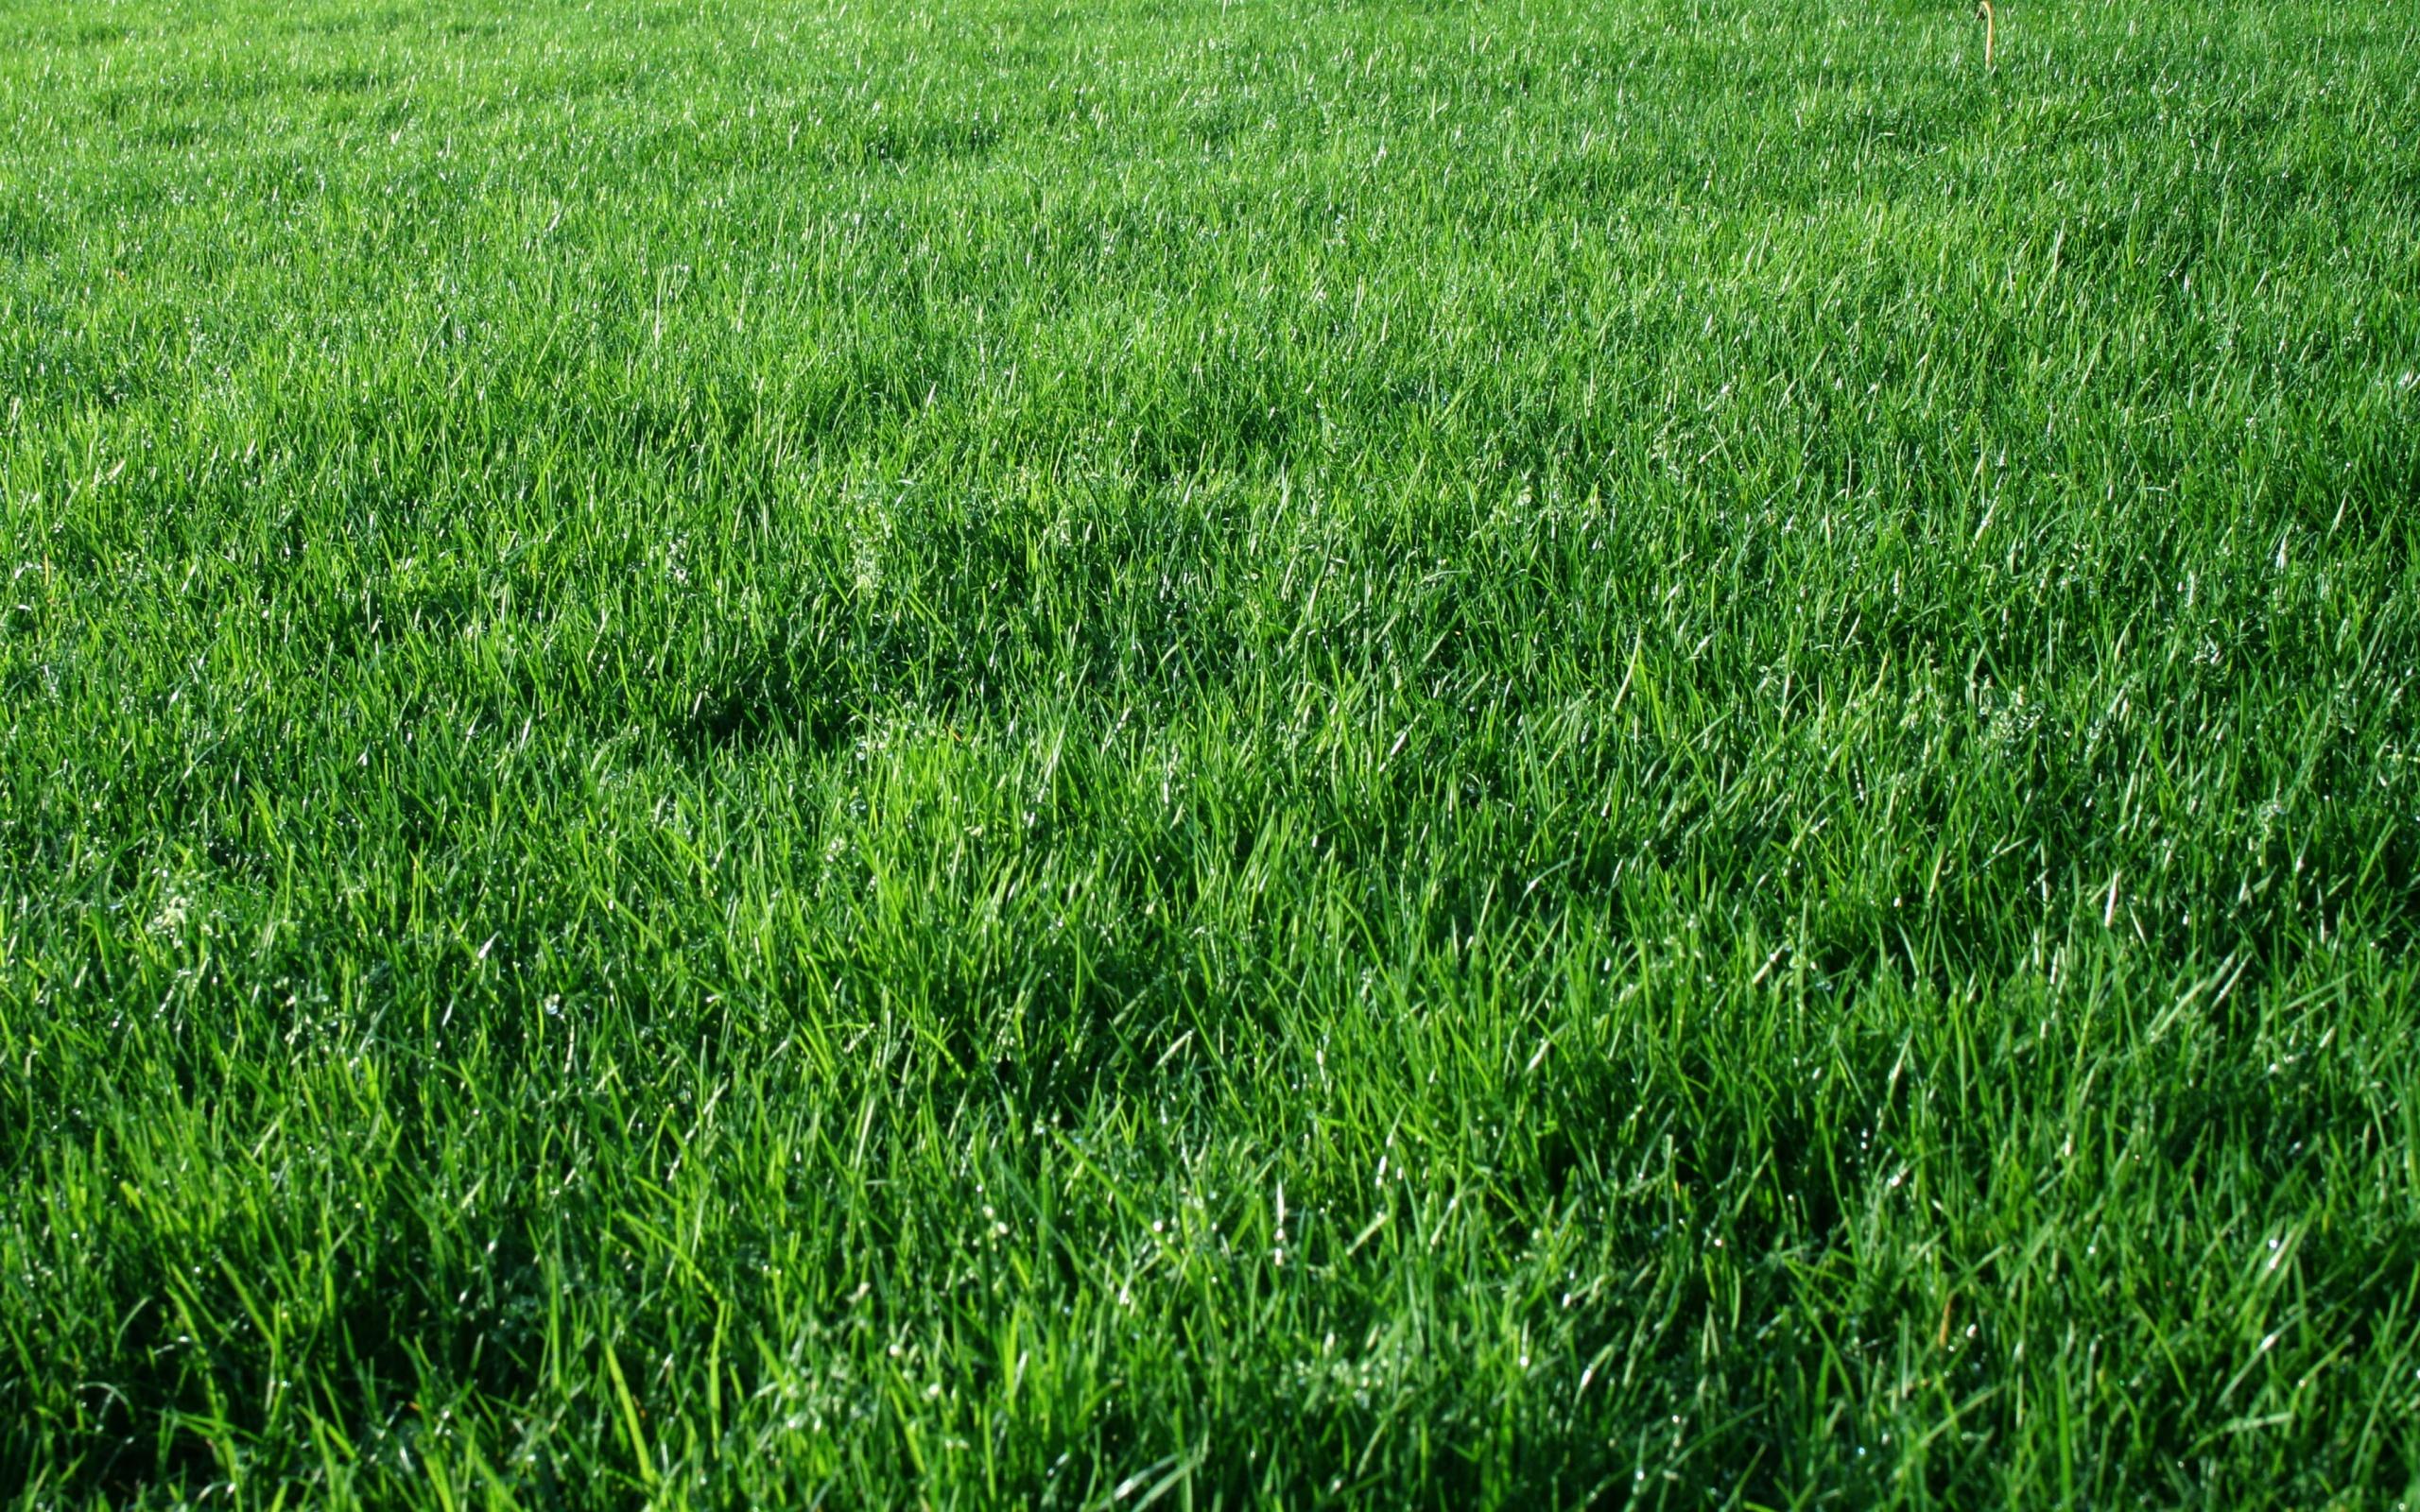 лужайка зелень трава фокус домик машинка загрузить